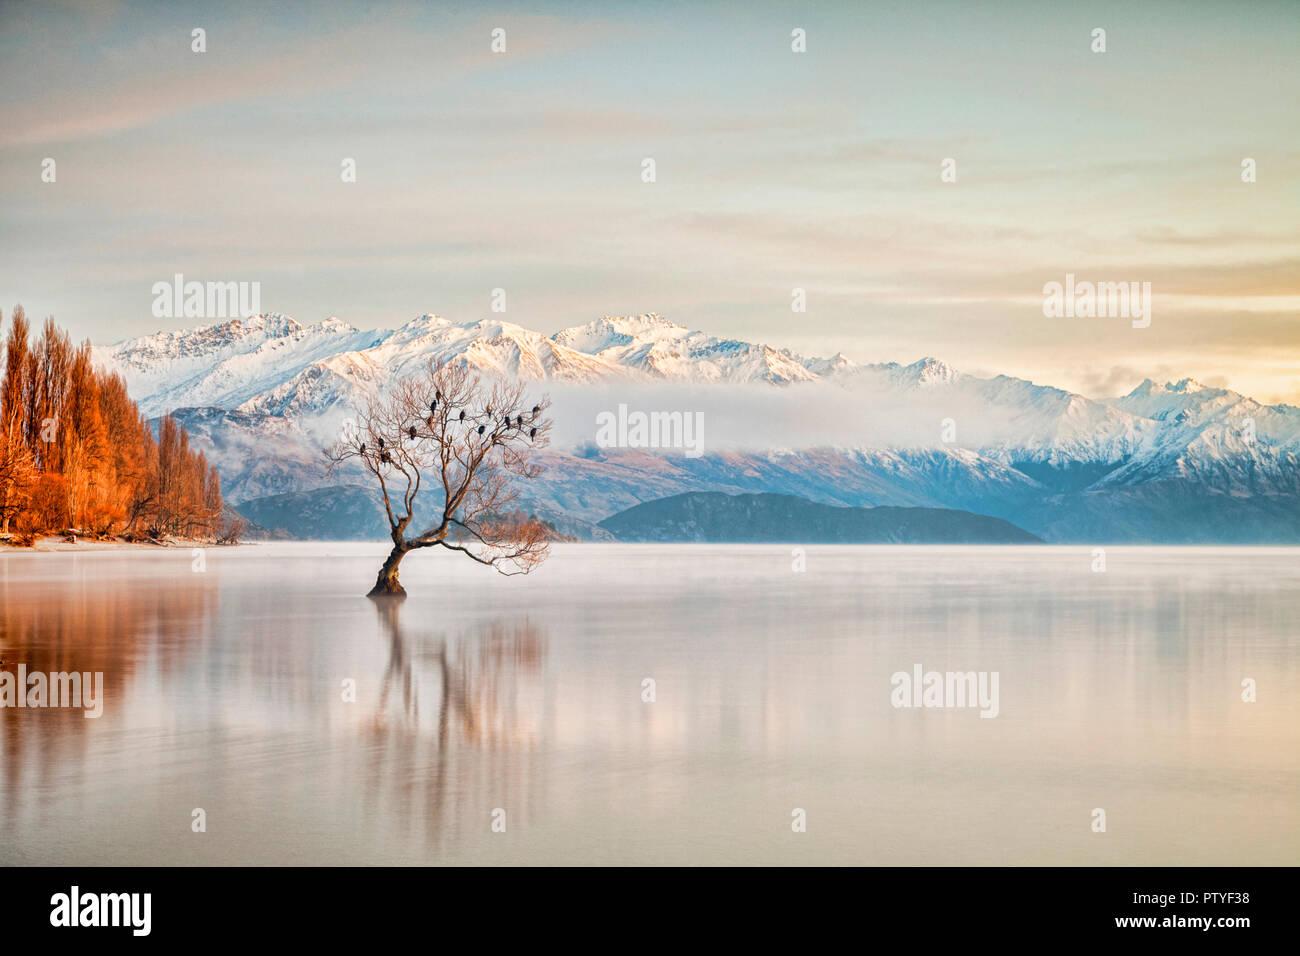 L'hiver au lac Wanaka, Otago, Nouvelle-Zélande, avec des oiseaux se percher dans l'arbre et de la brume qui monte de l'eau. Banque D'Images